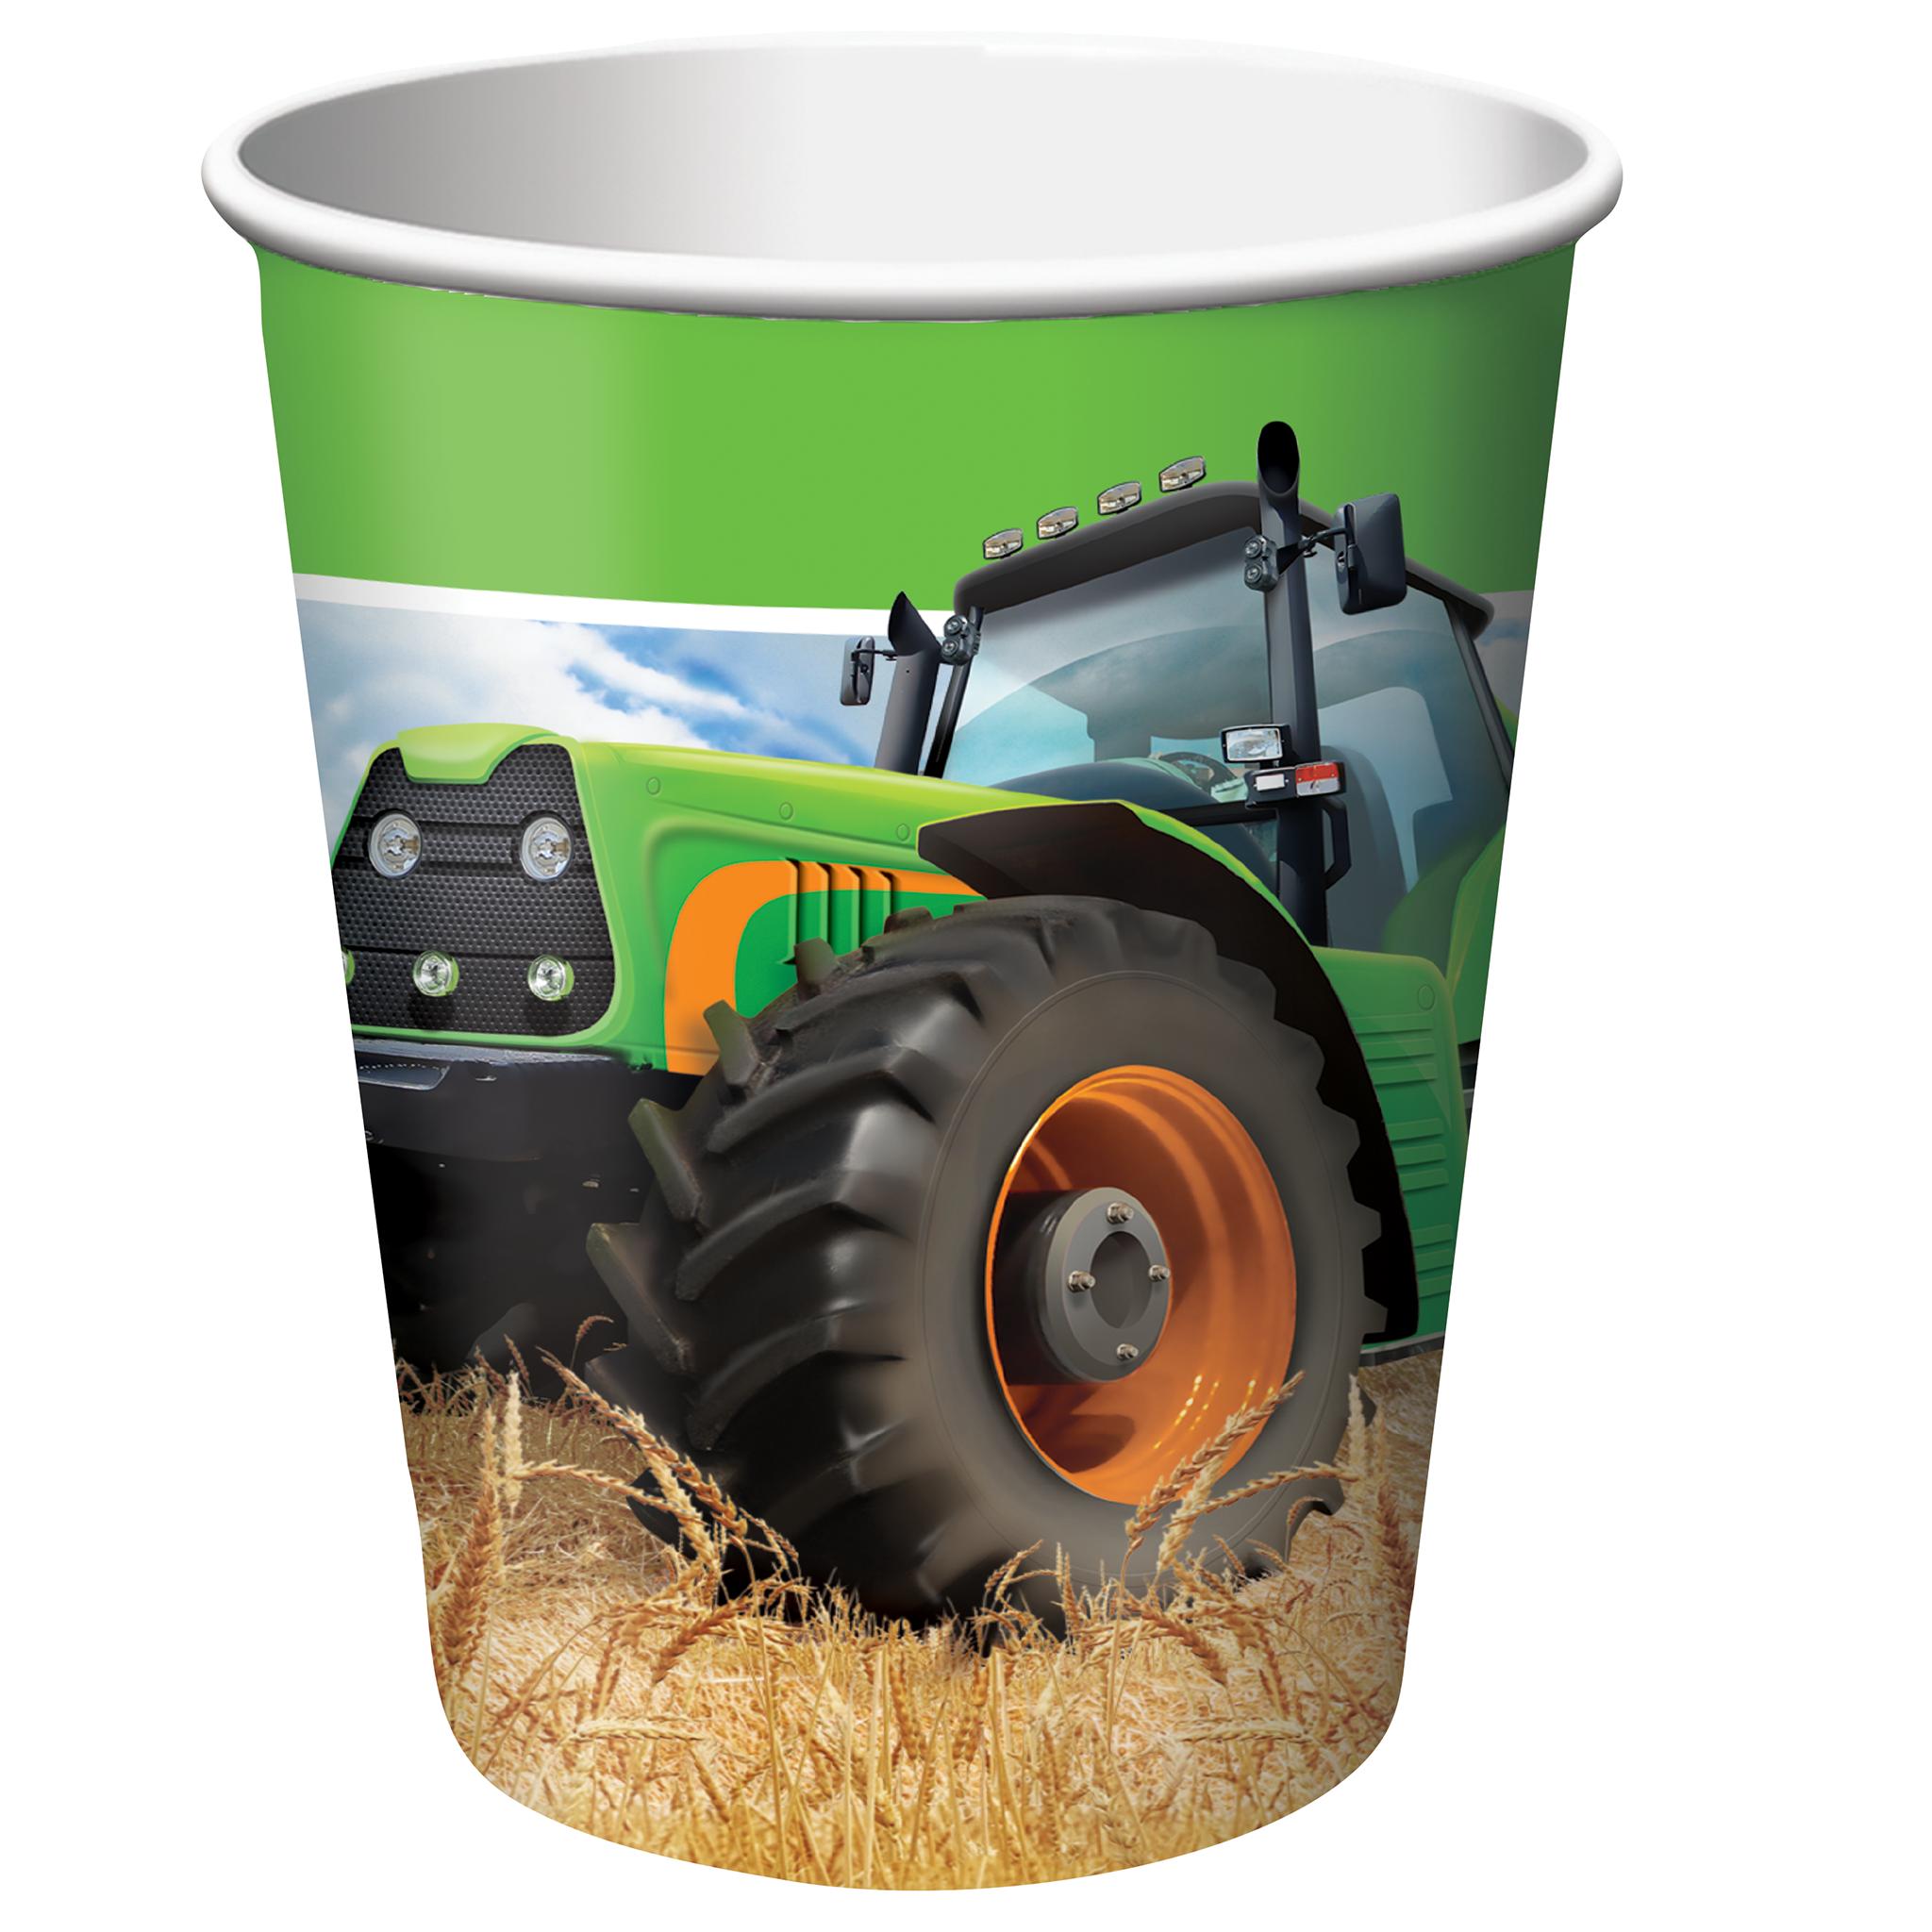 John Deere Party Tractor Cups